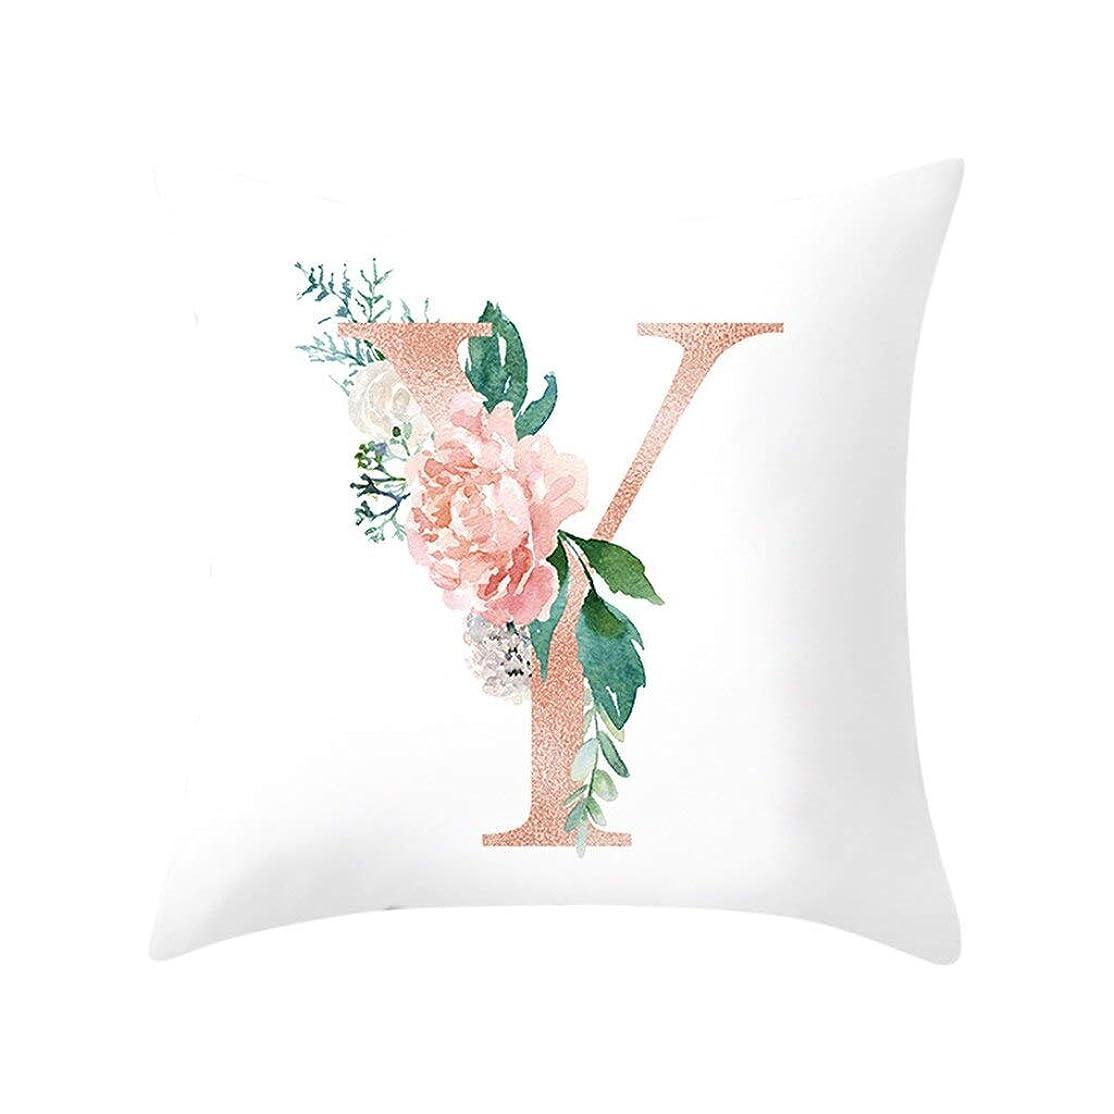 式一時的前述のLIFE 装飾クッションソファ手紙枕アルファベットクッション印刷ソファ家の装飾の花枕 coussin decoratif クッション 椅子